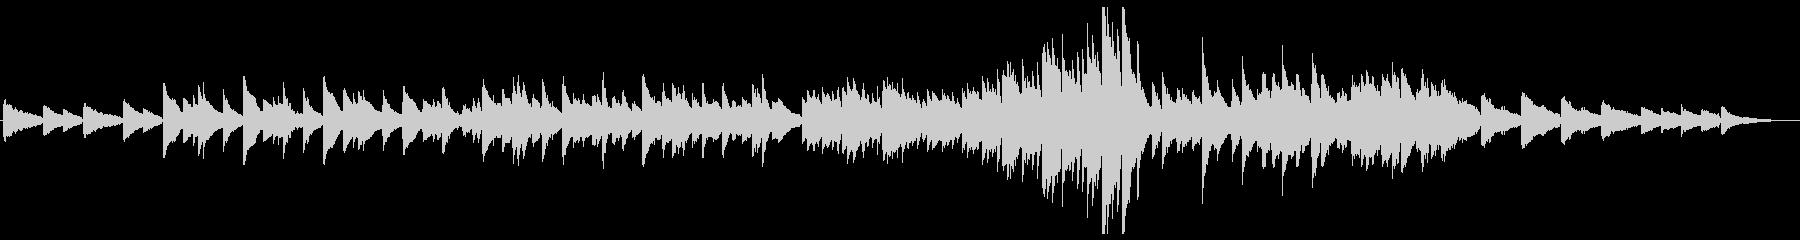 しっとり幻想的な哀愁あるピアノソロの未再生の波形